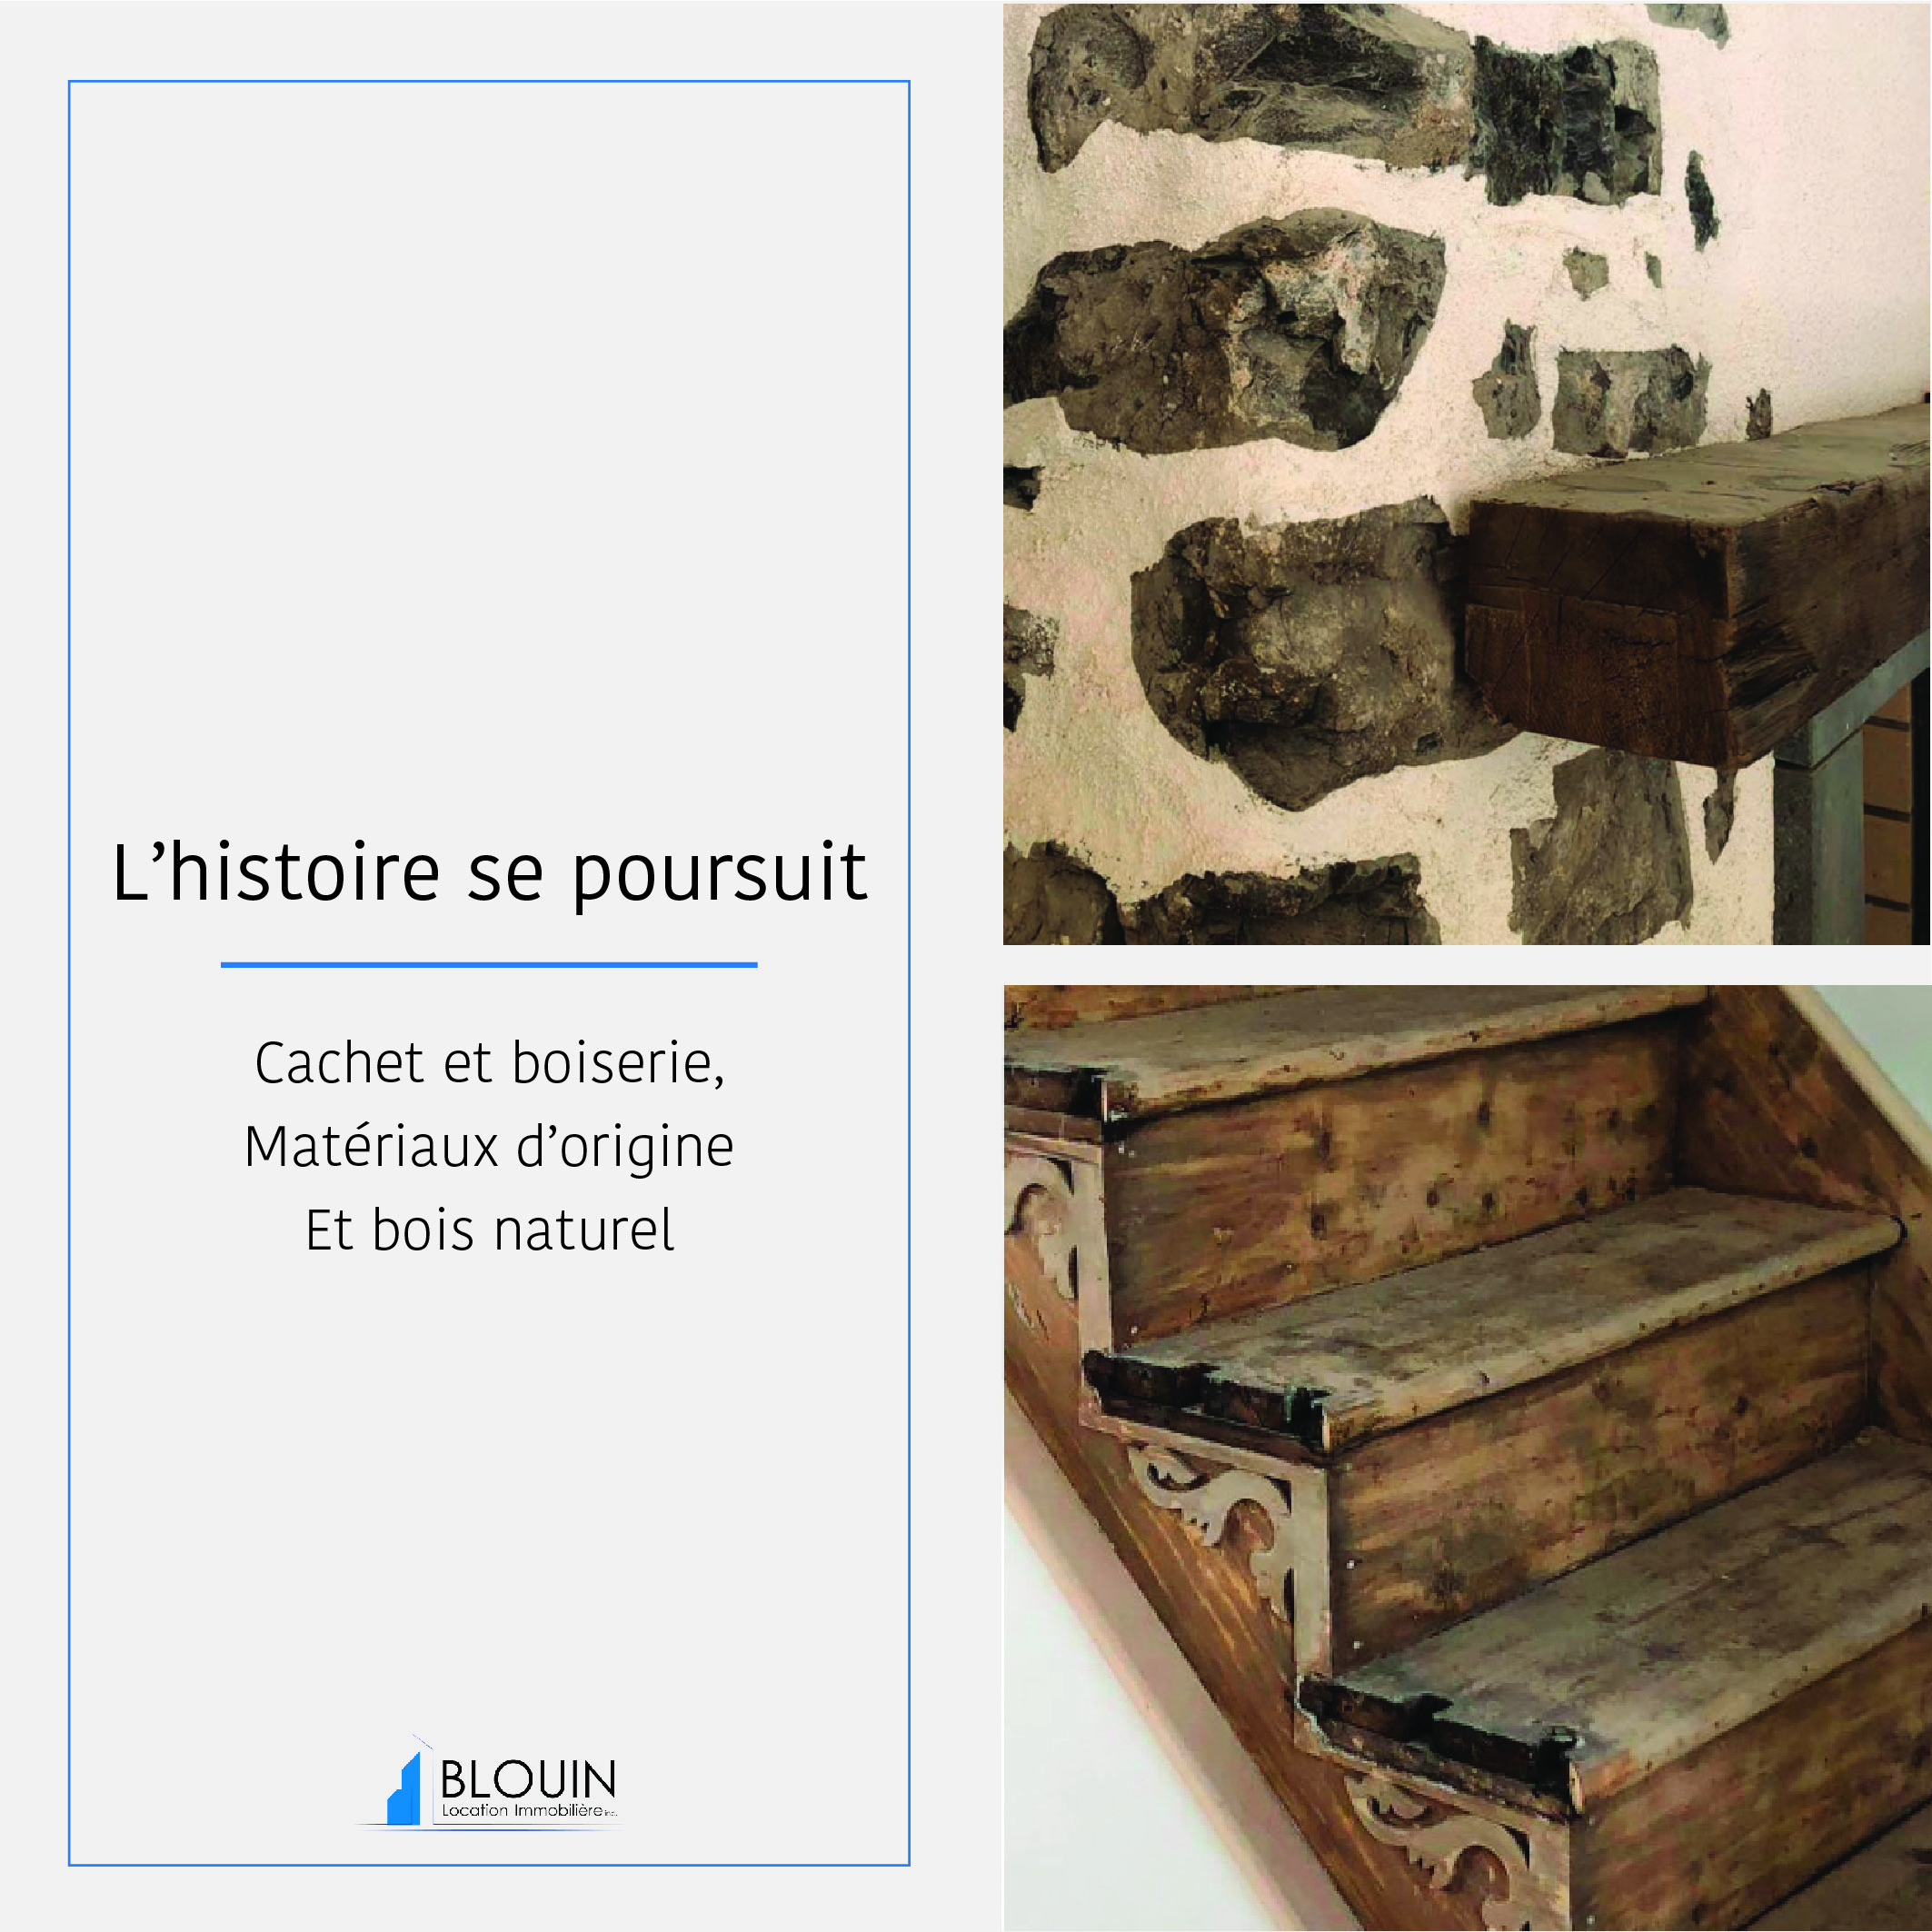 Photo 4 : 4 appartements dans maison ancestrale totalement rénovés, quartier St-Jean-Baptiste, prêts pour septembre, semi-meublés + Internet inclus